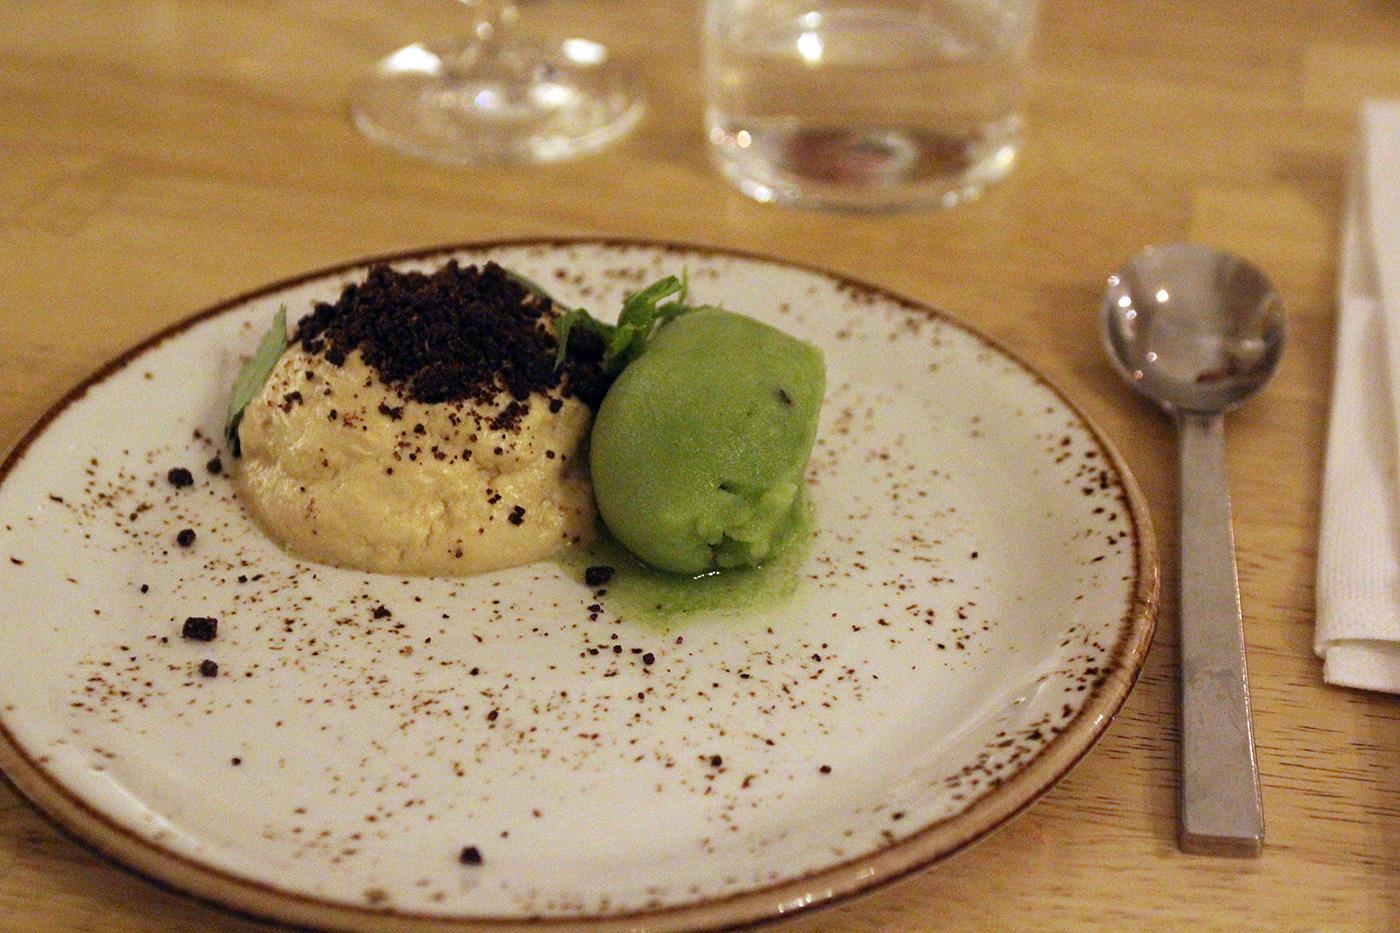 souvenir-dessert-1